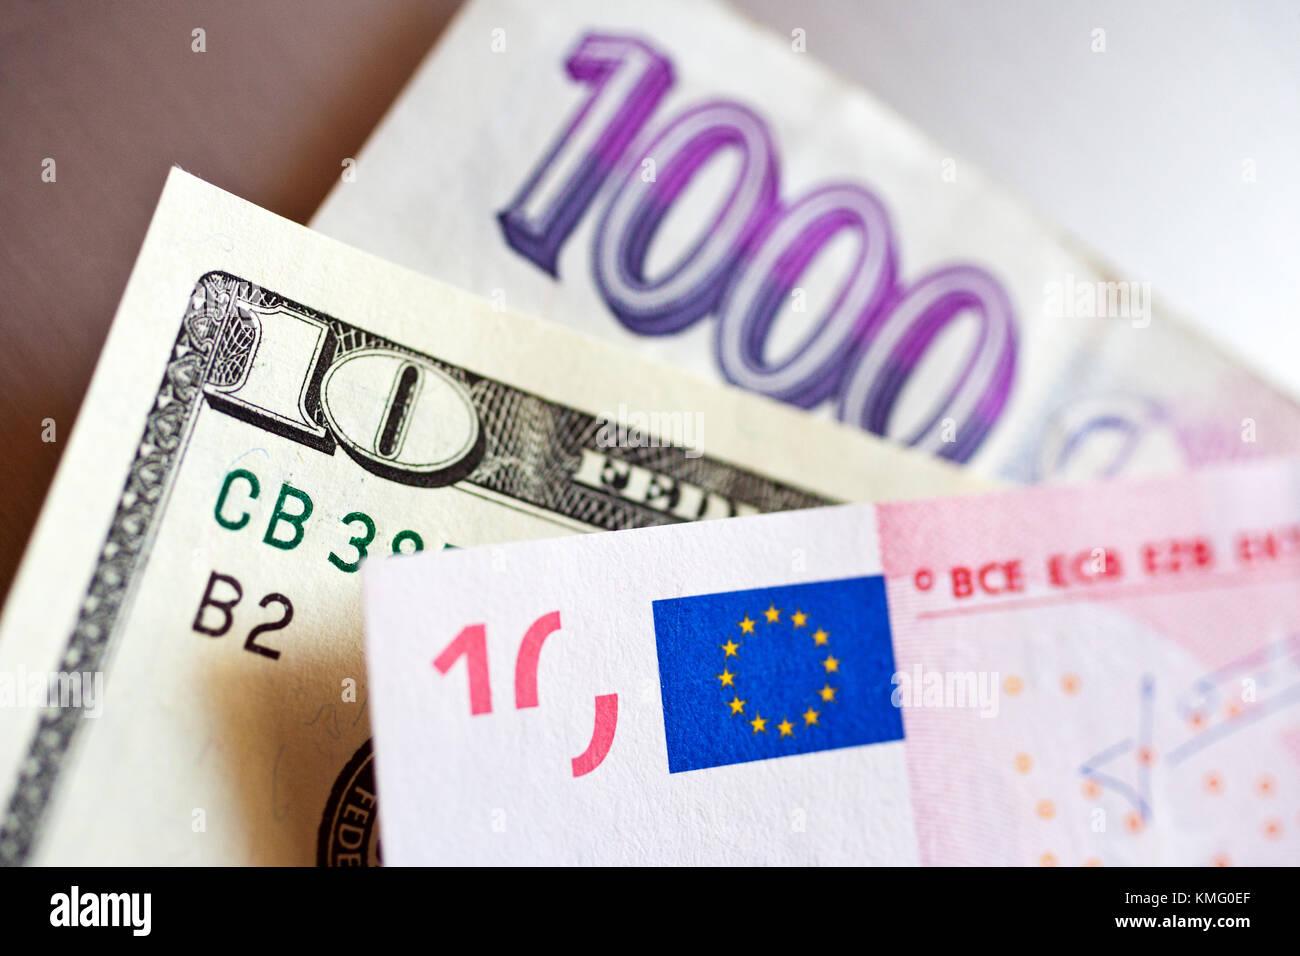 la couronne tcheque avec dollar et billets finances et economie taux de change dans un bureau de change monnaie de papier couronne tcheque dollar